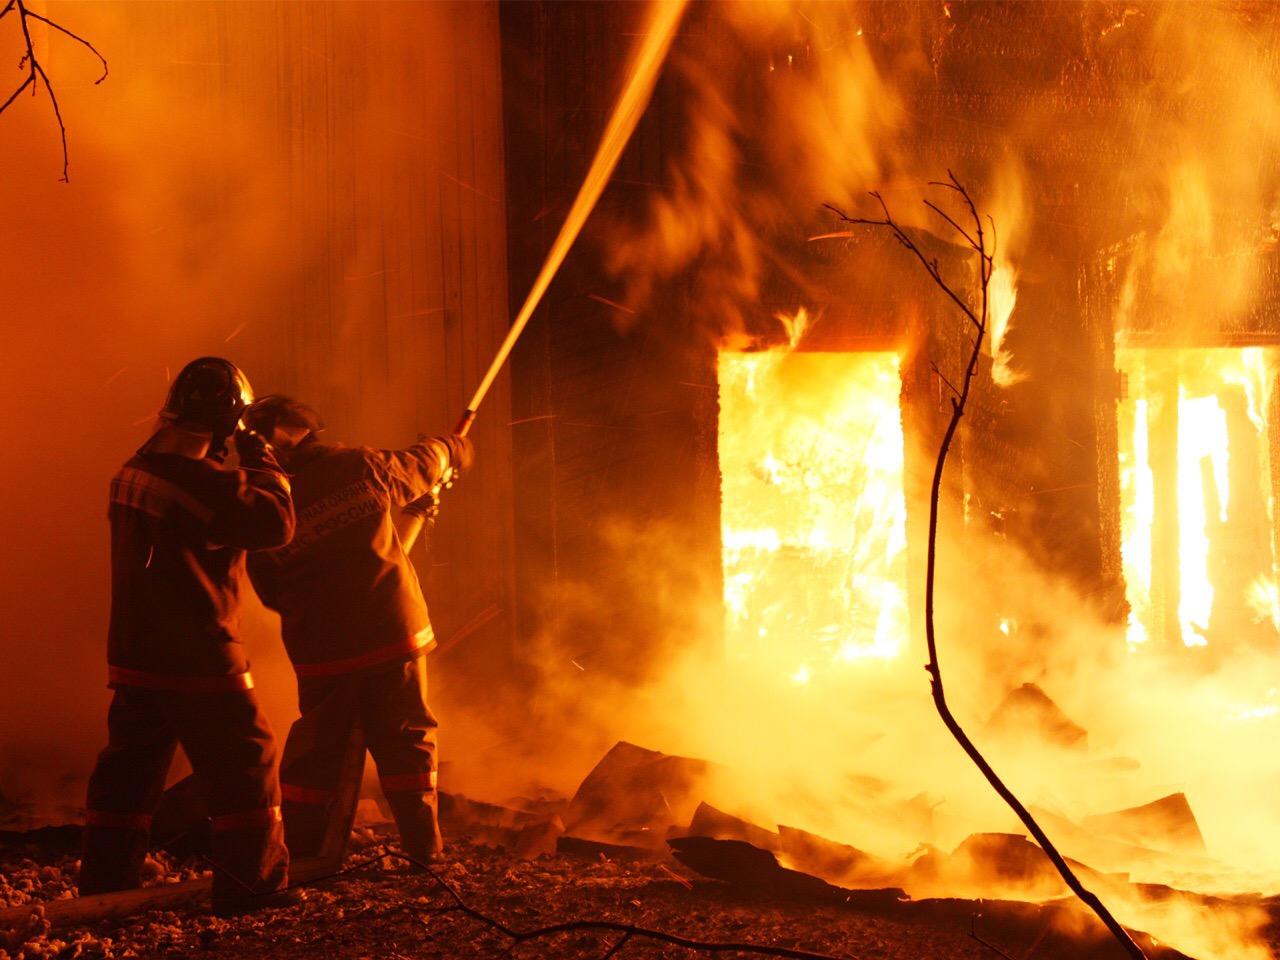 На агроусадьбе «Ранчо» в д. Афанасово случился пожар, есть пострадавший